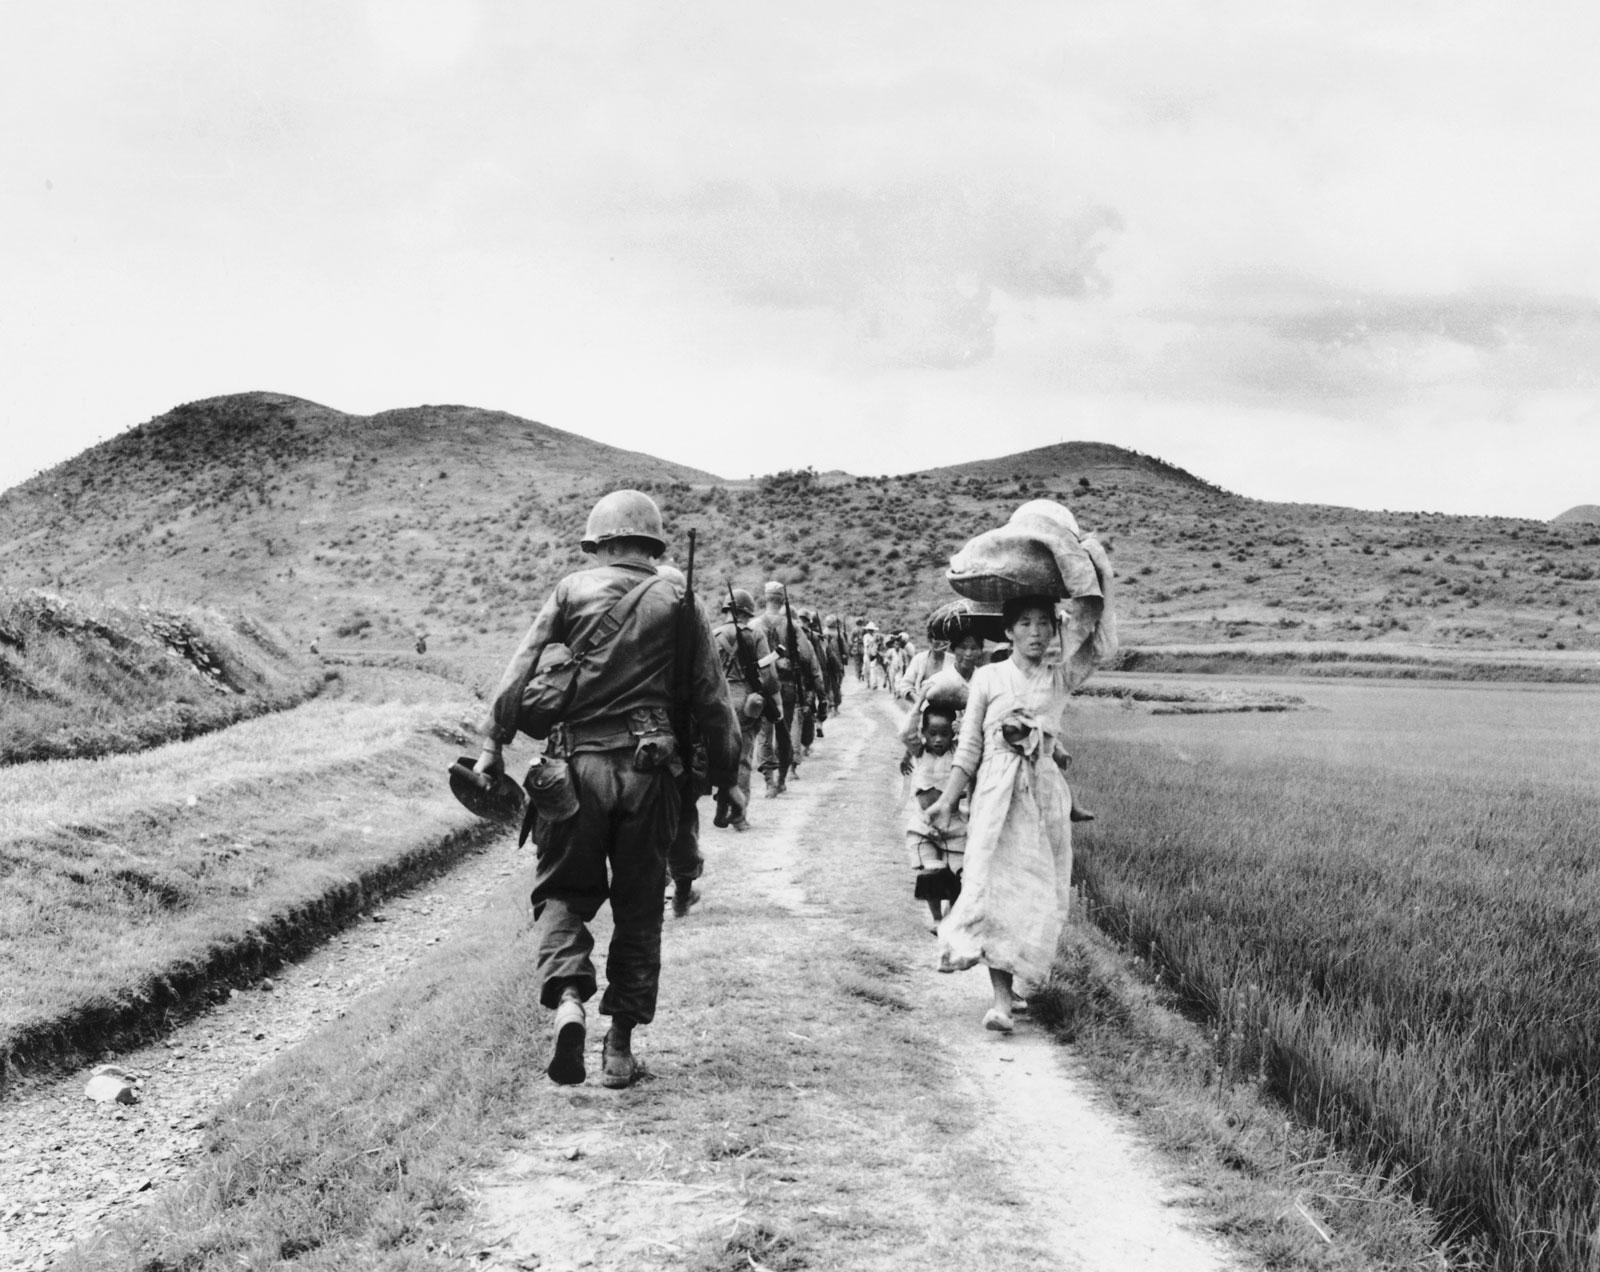 1950-53 metais vykusio karo metu žuvo 1,2 milijono žmonių